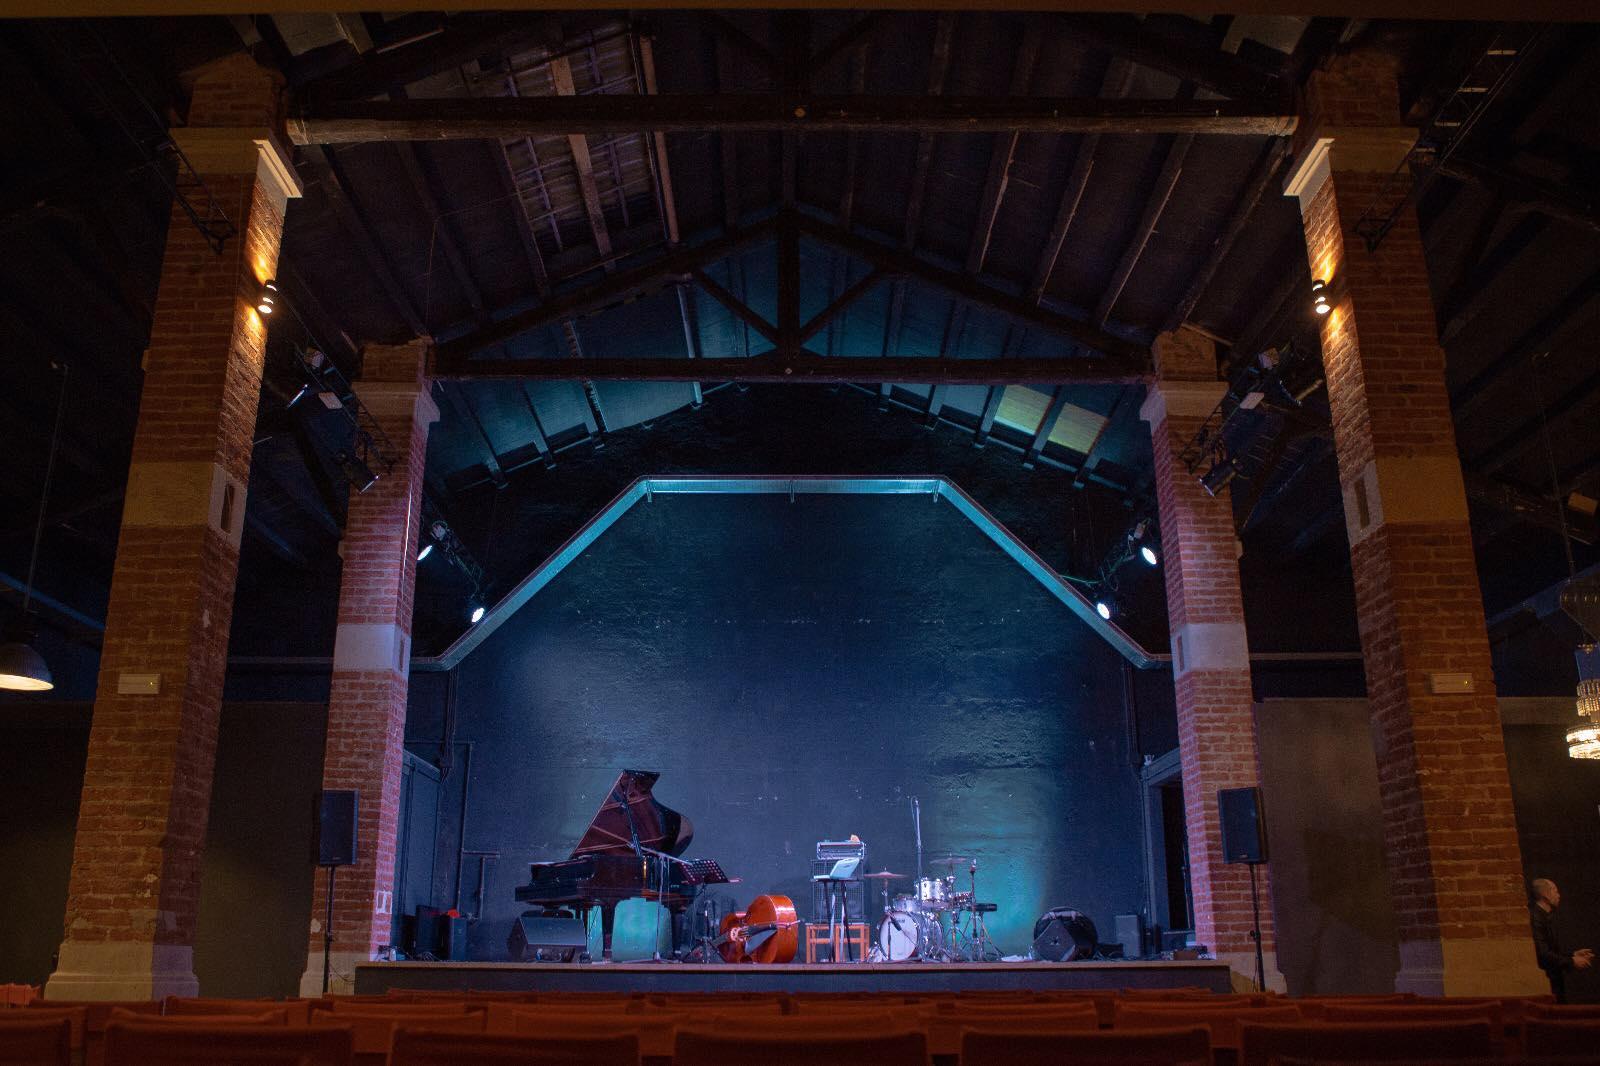 Inaugurazione Der Mast, nuovo teatro e spazio culturale